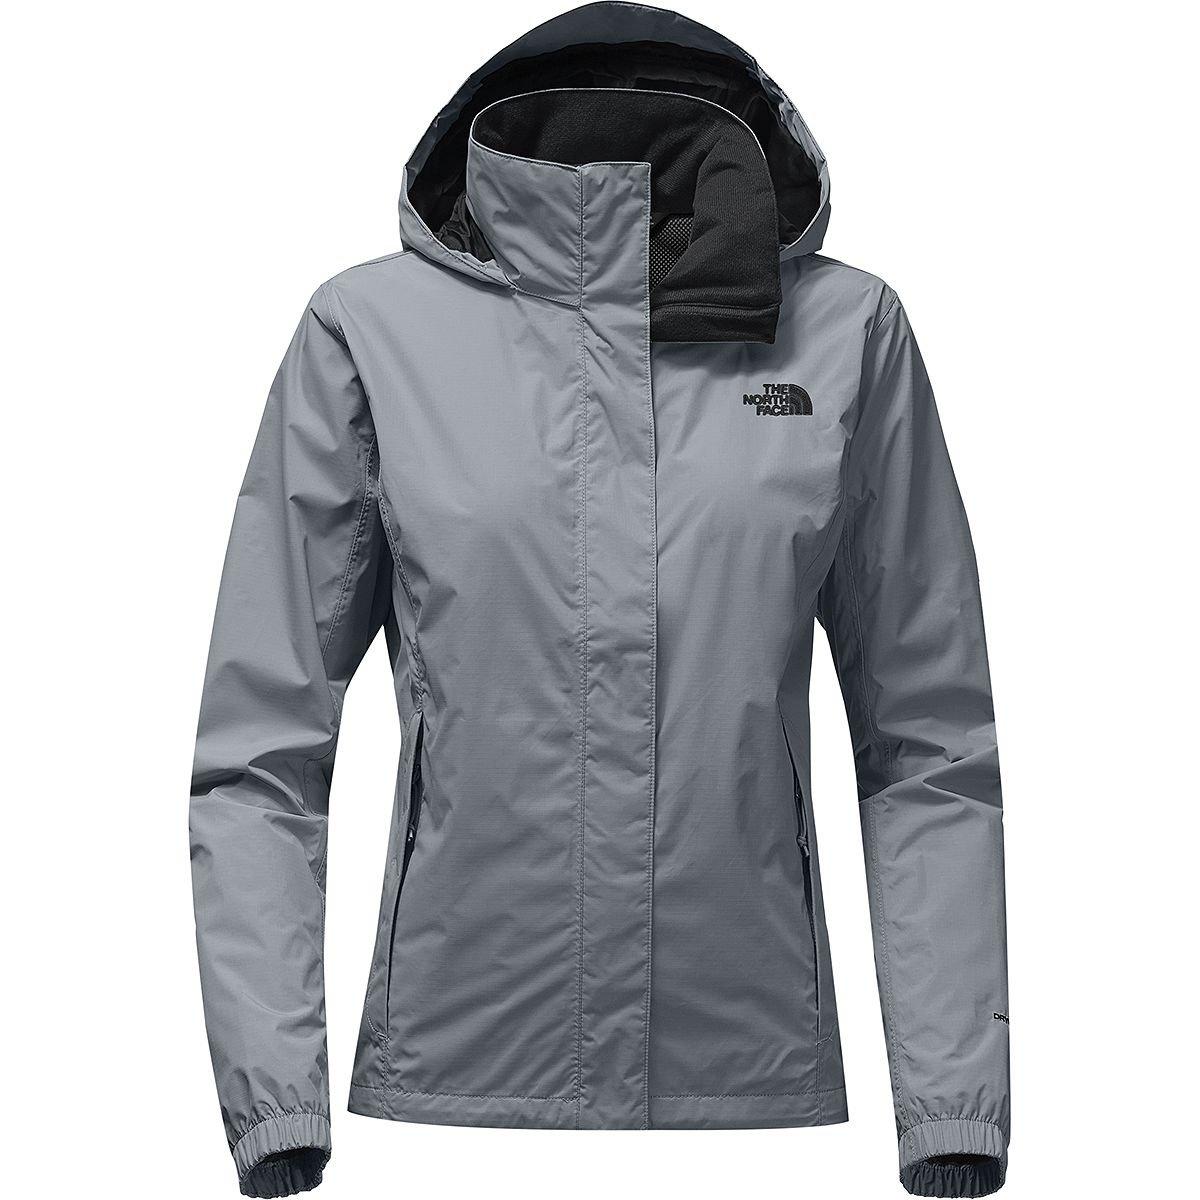 (ザノースフェイス) The North Face Resolve 2 Hooded Jacket レディース ジャケットMid Grey/Tnf Black [並行輸入品]   B07J23YVD6